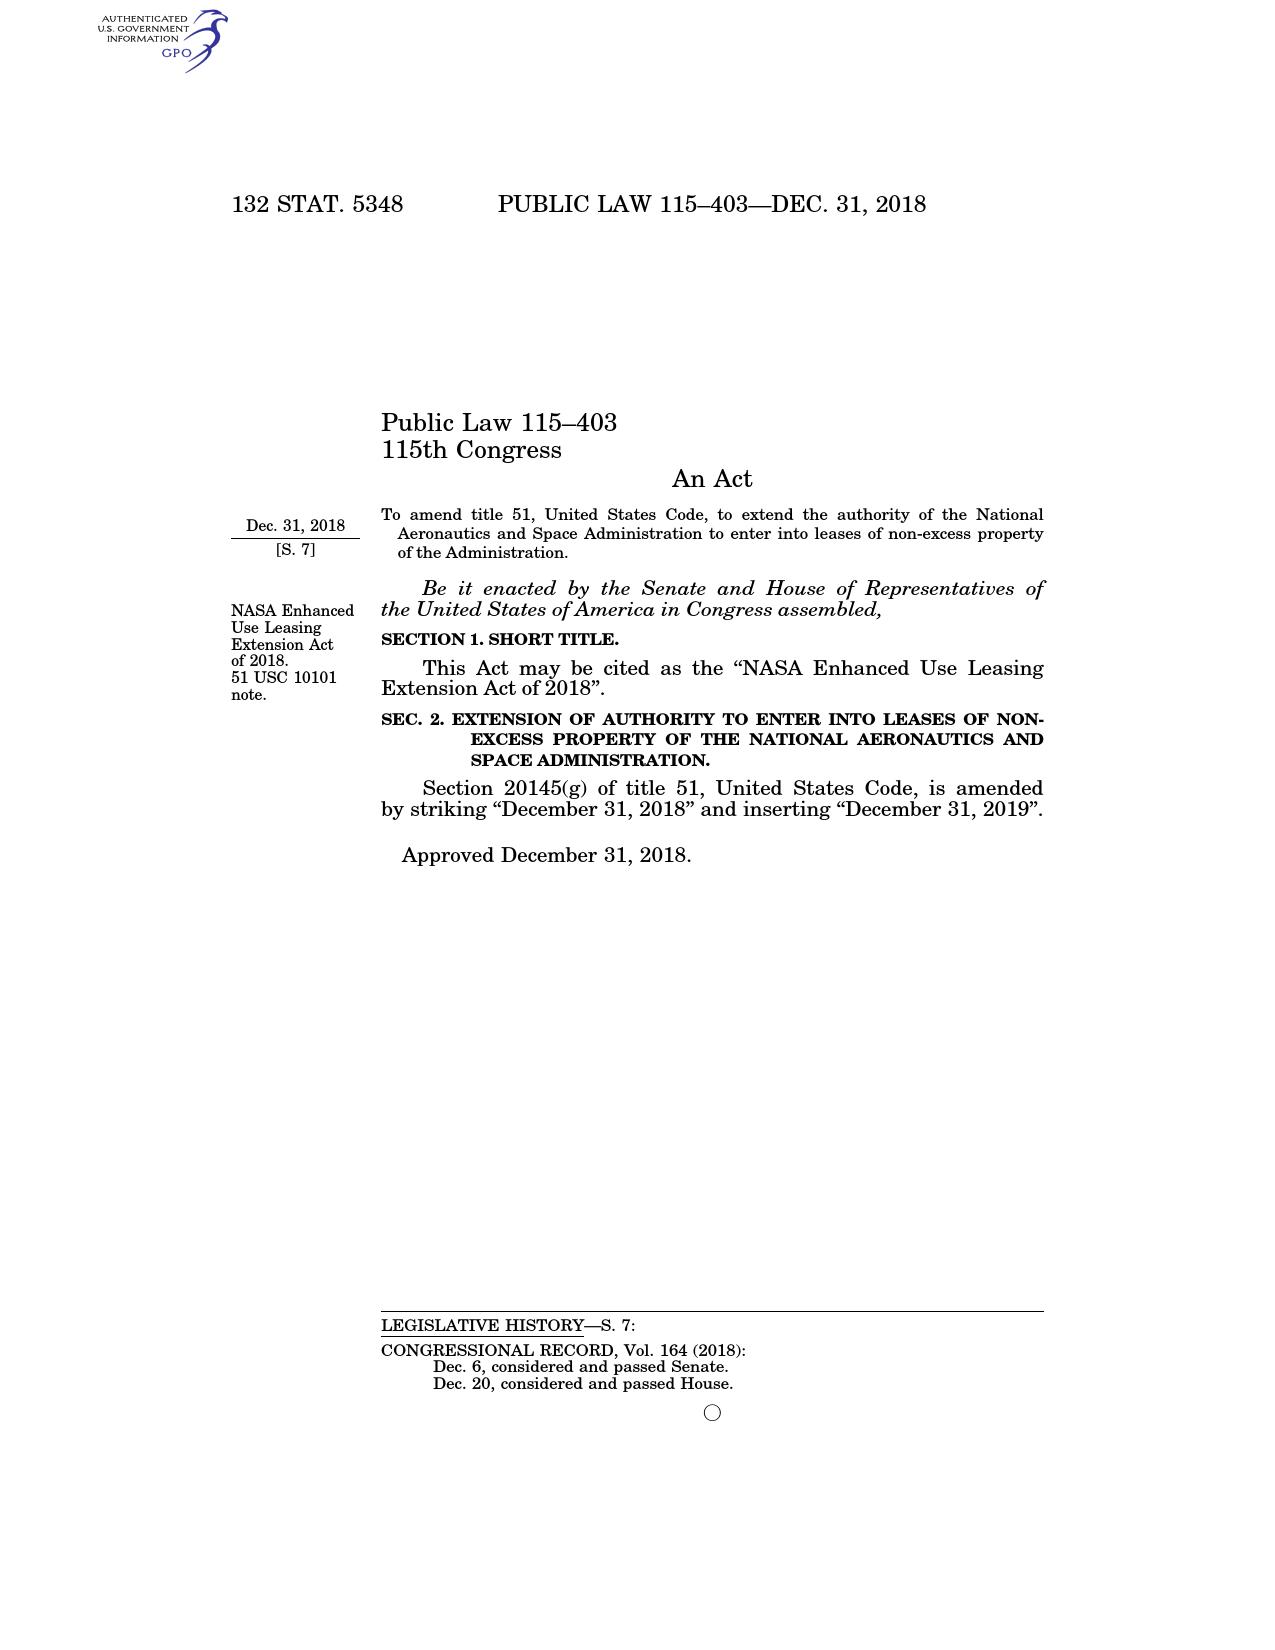 Pub  L  115–403, §1, Dec  31, 2018, 132 Stat  5348